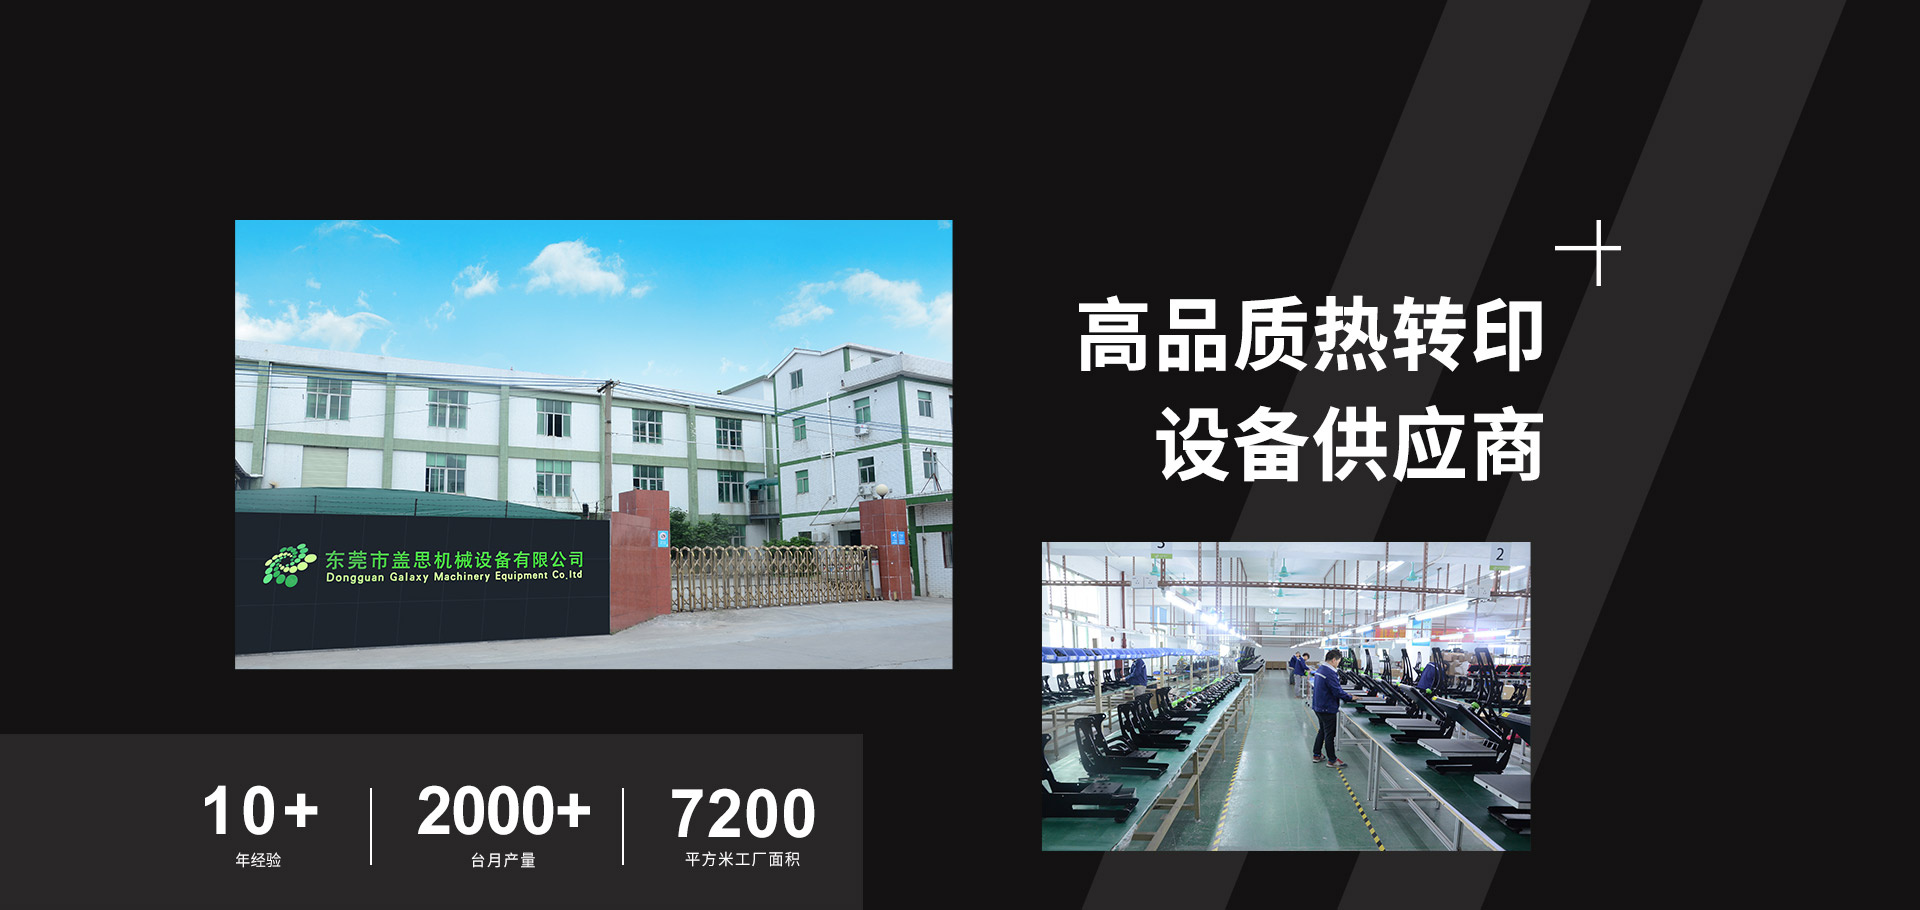 高品质热转印设备供应商